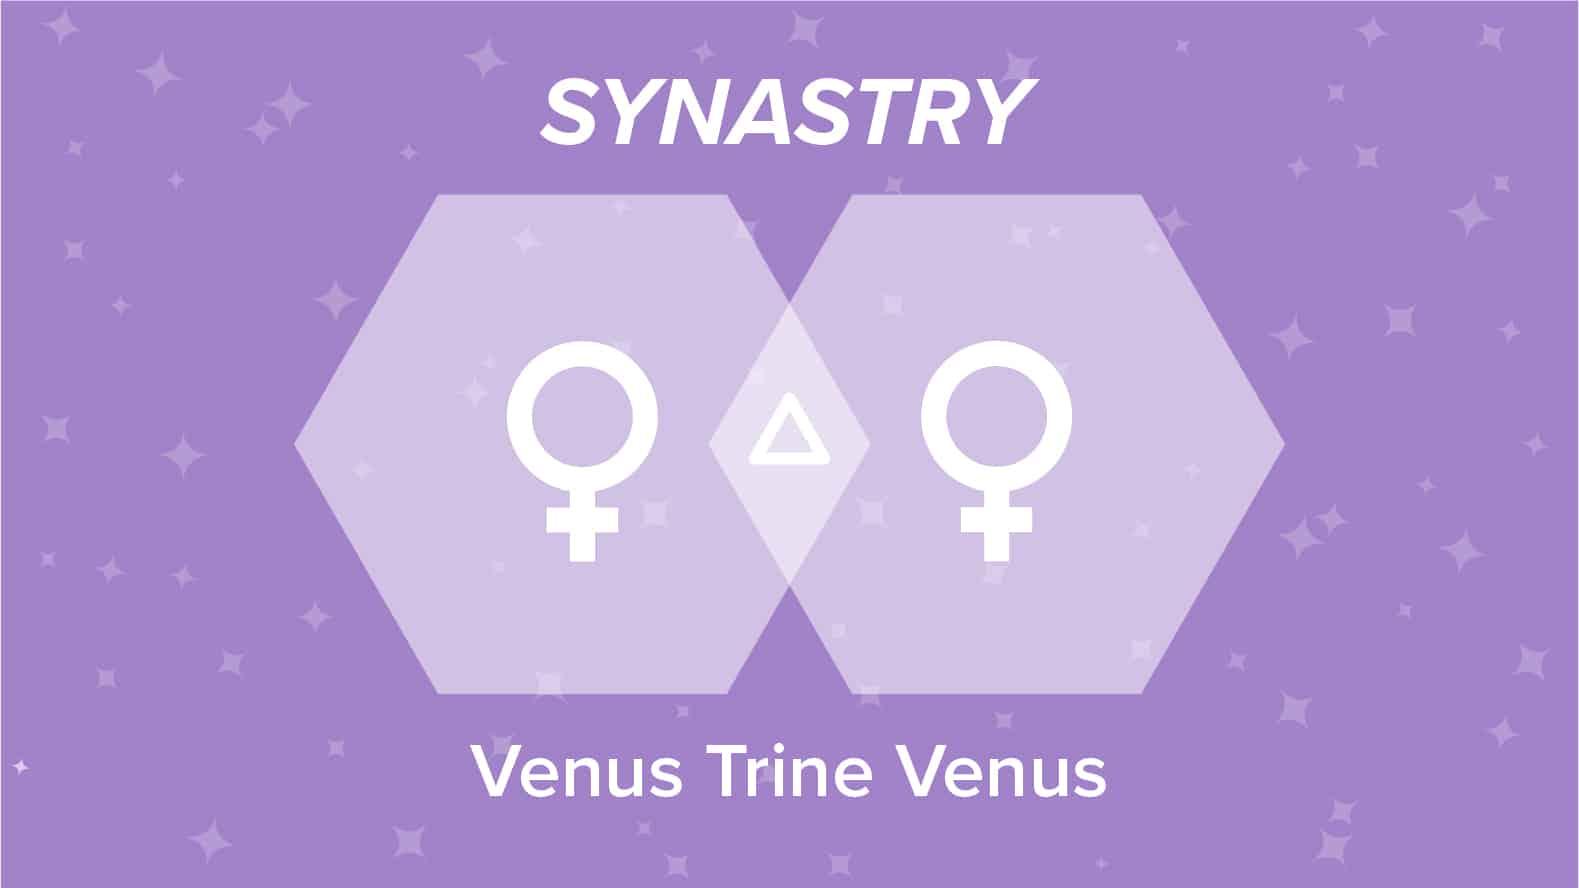 Venus Trine Venus Synastry